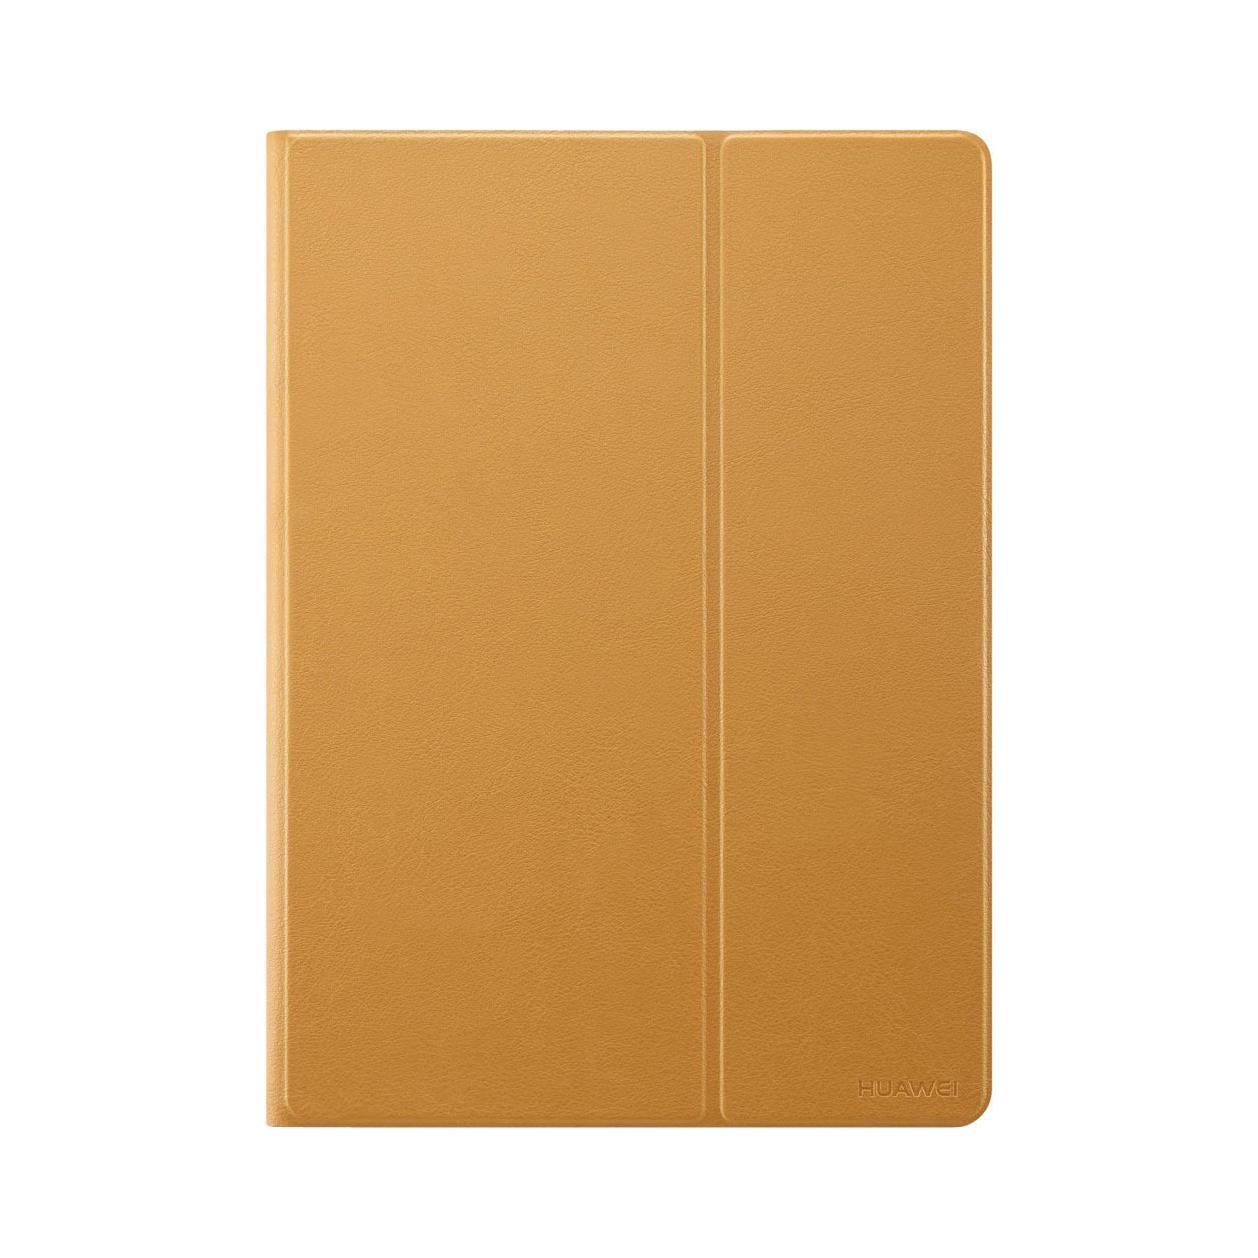 Чехол для планшета Huawei Flip Cover, коричневый фото